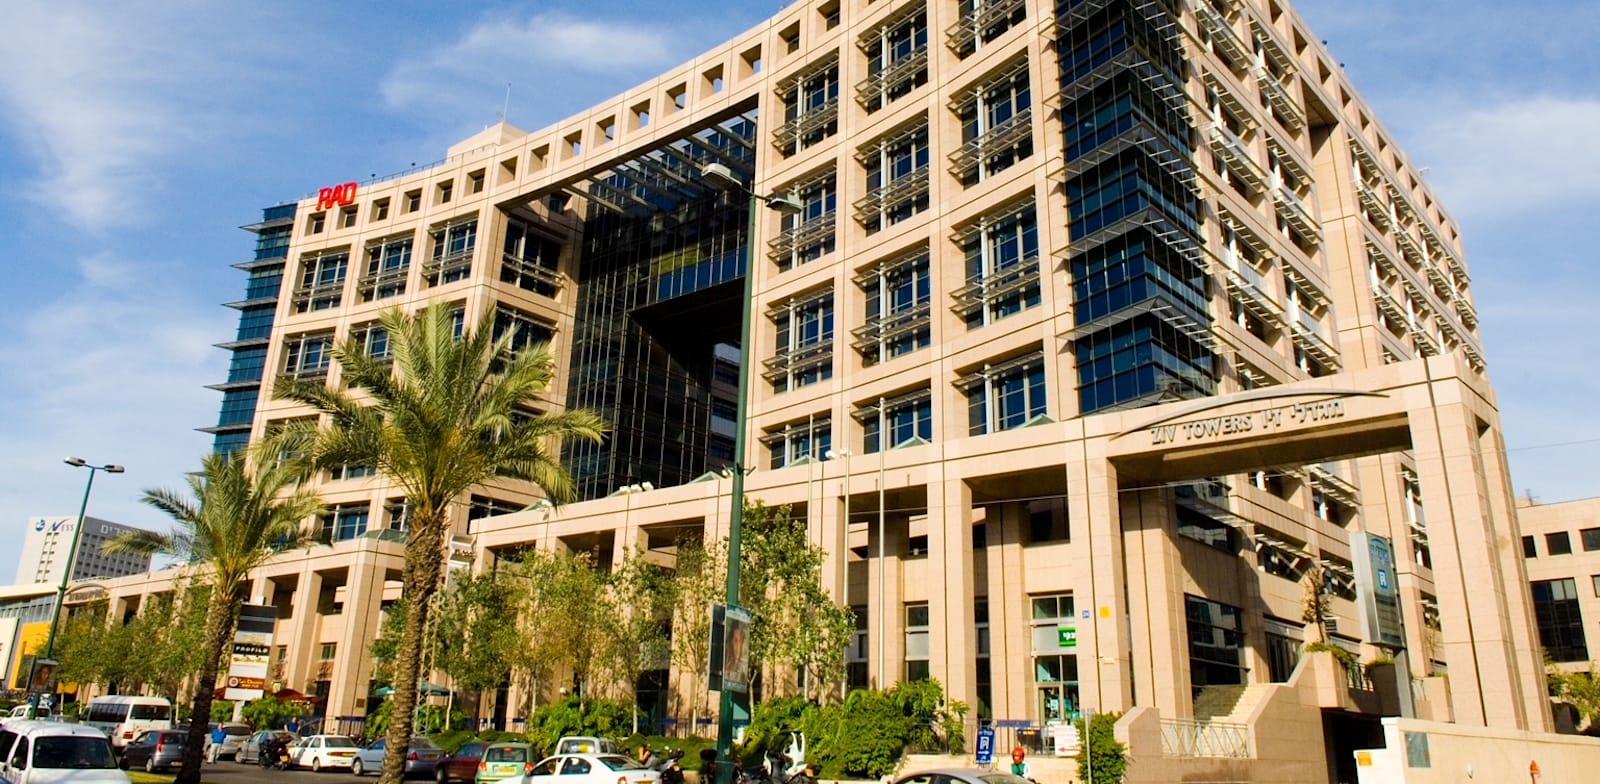 Ziv Tower, Ramat Hahayal Tel Aviv Photo: RAD